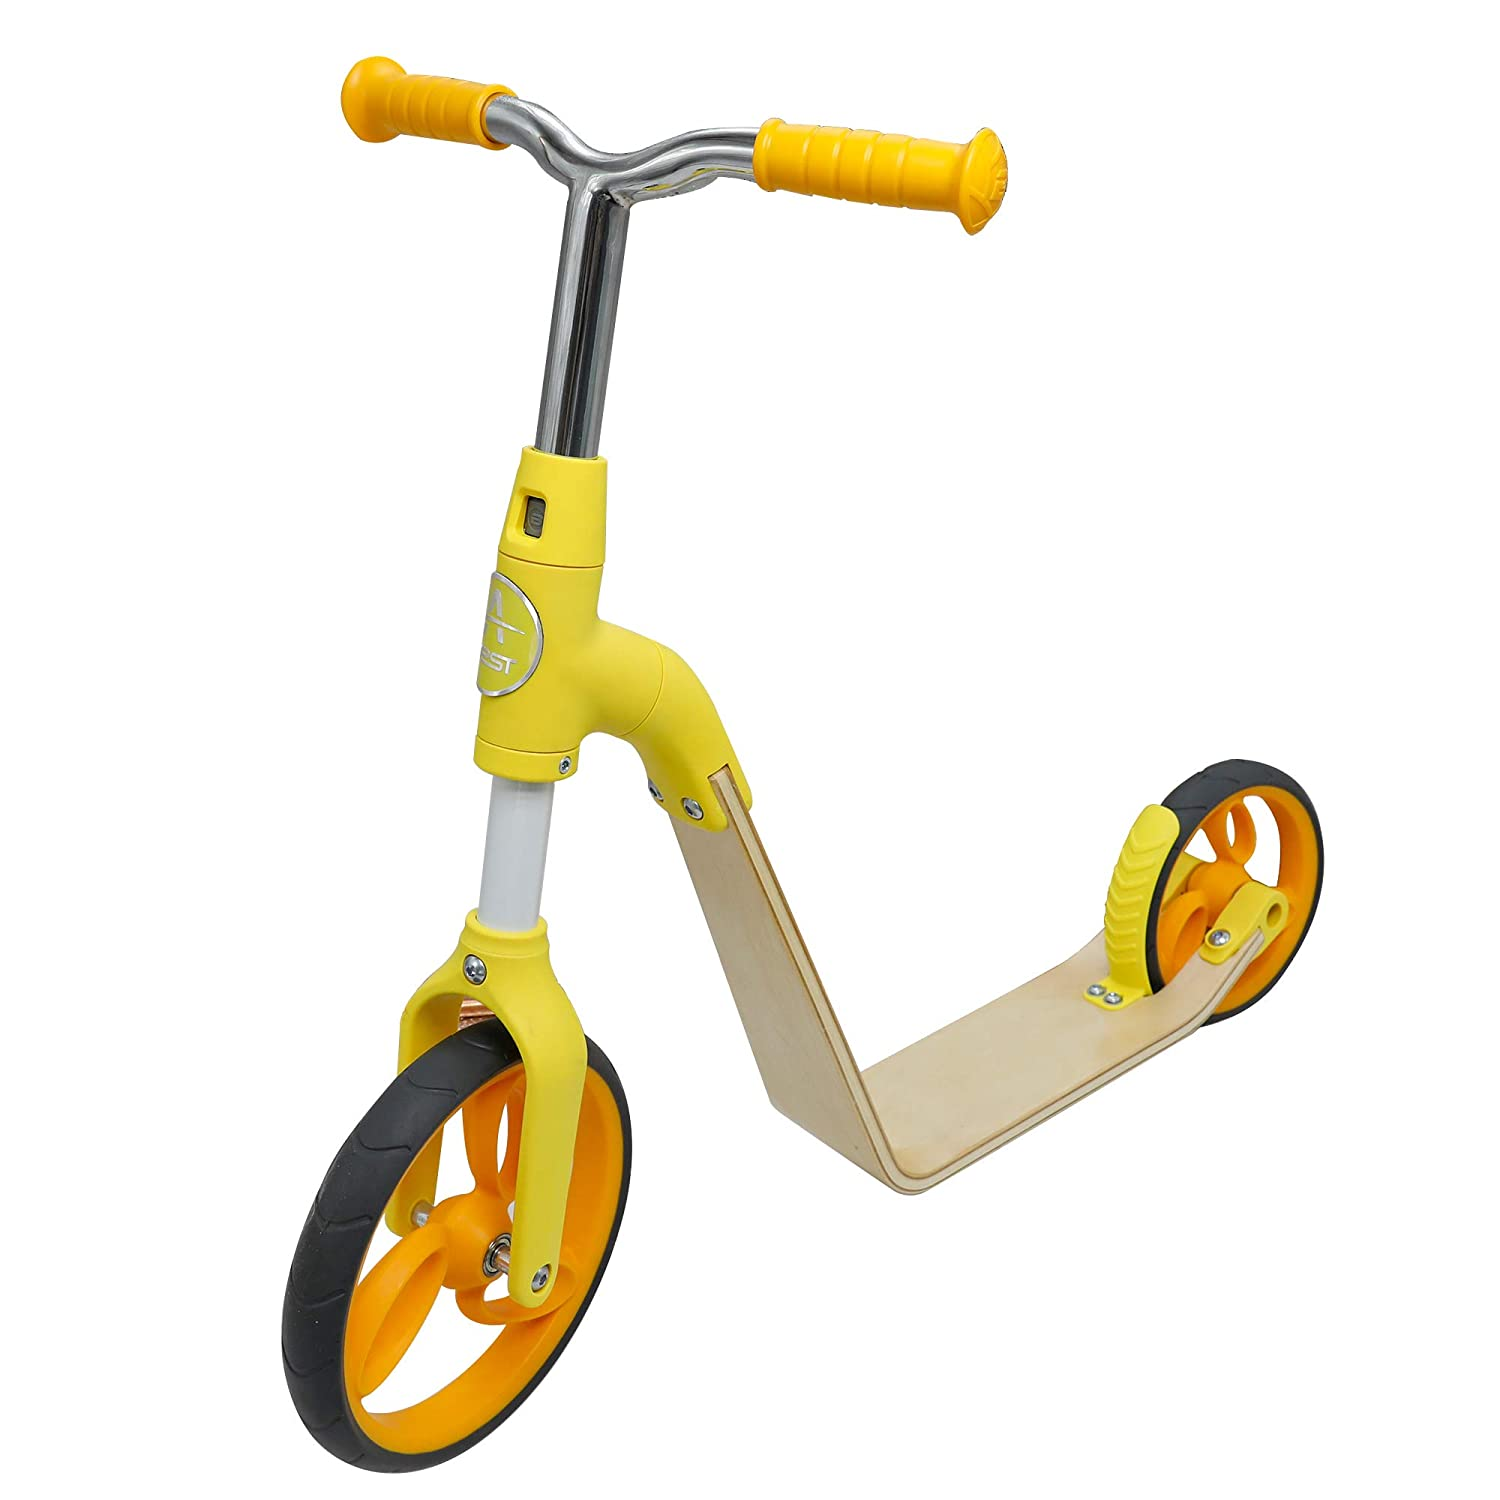 AEST Correpasillos Y Patinete 2 En 1 Bicicleta Sin Pedales Reversible Scooter 2 Ruedas Niño Niña 3-5 Años - Color Amarillo